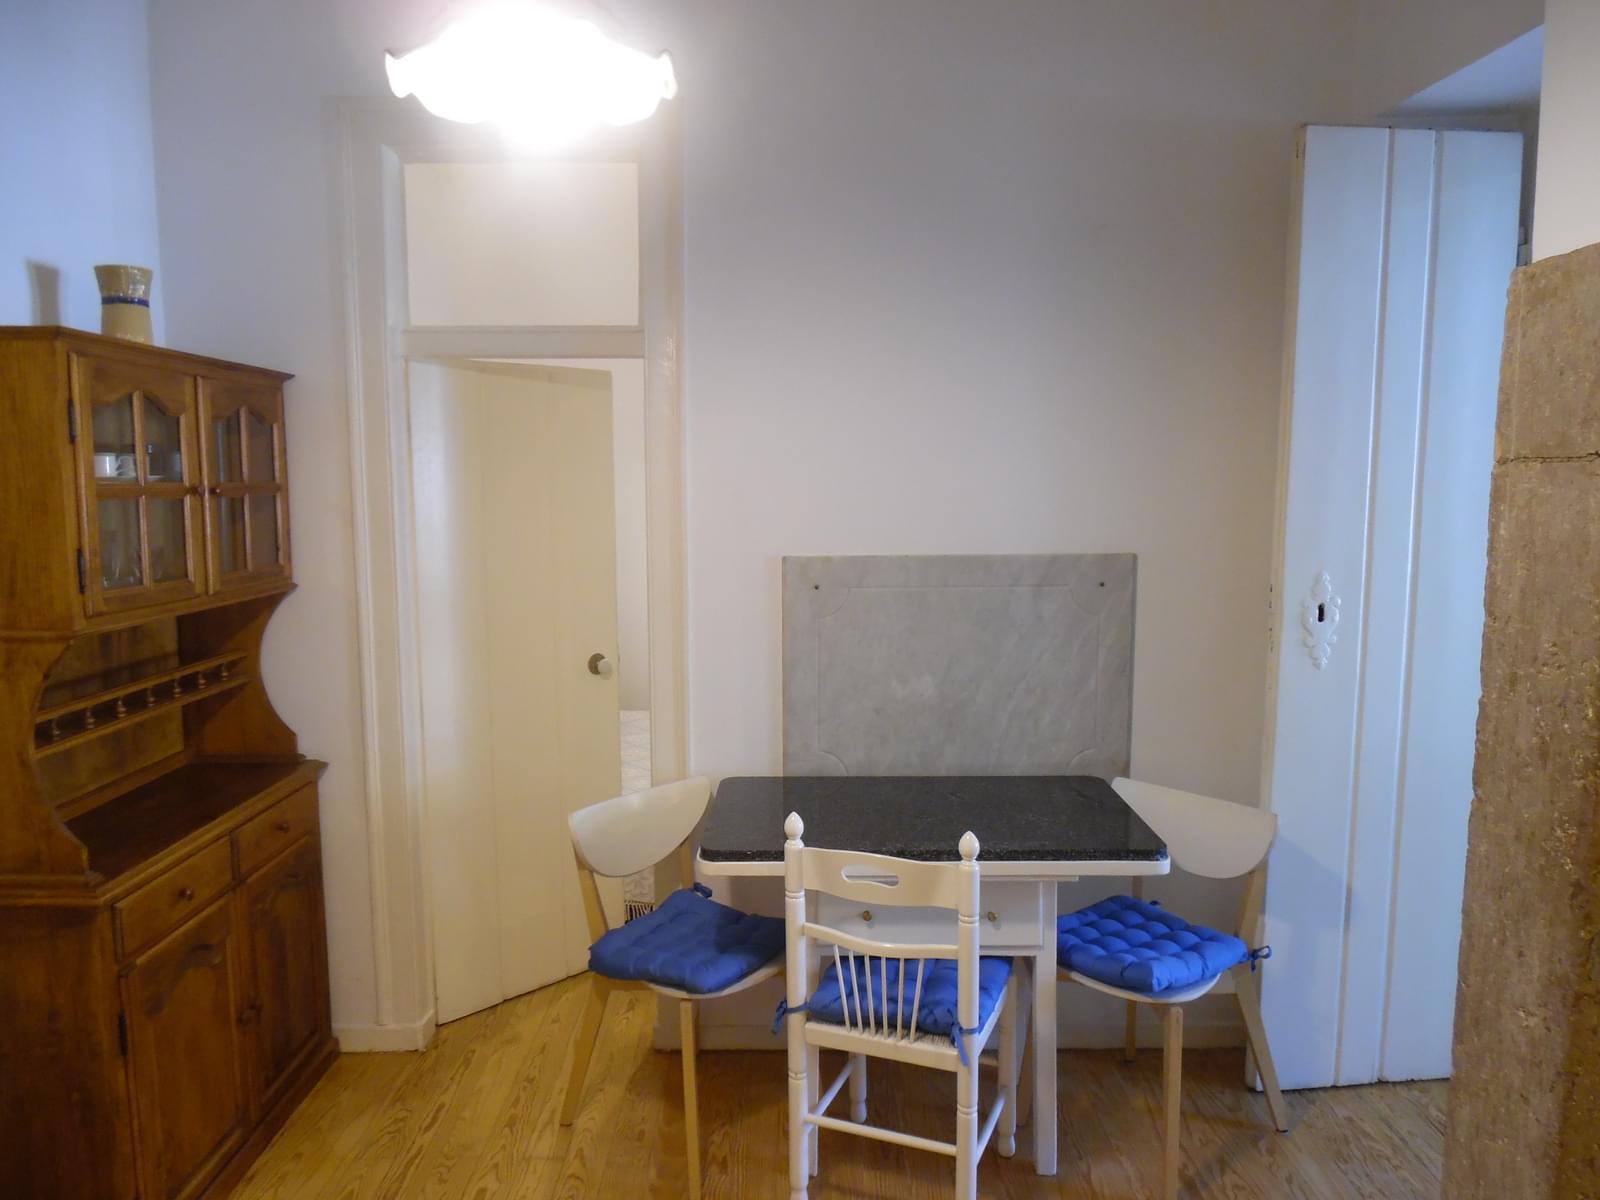 pf17147-apartamento-t2-lisboa-cb377cc4-cb8d-4353-a2e3-667ec2ac3ec9